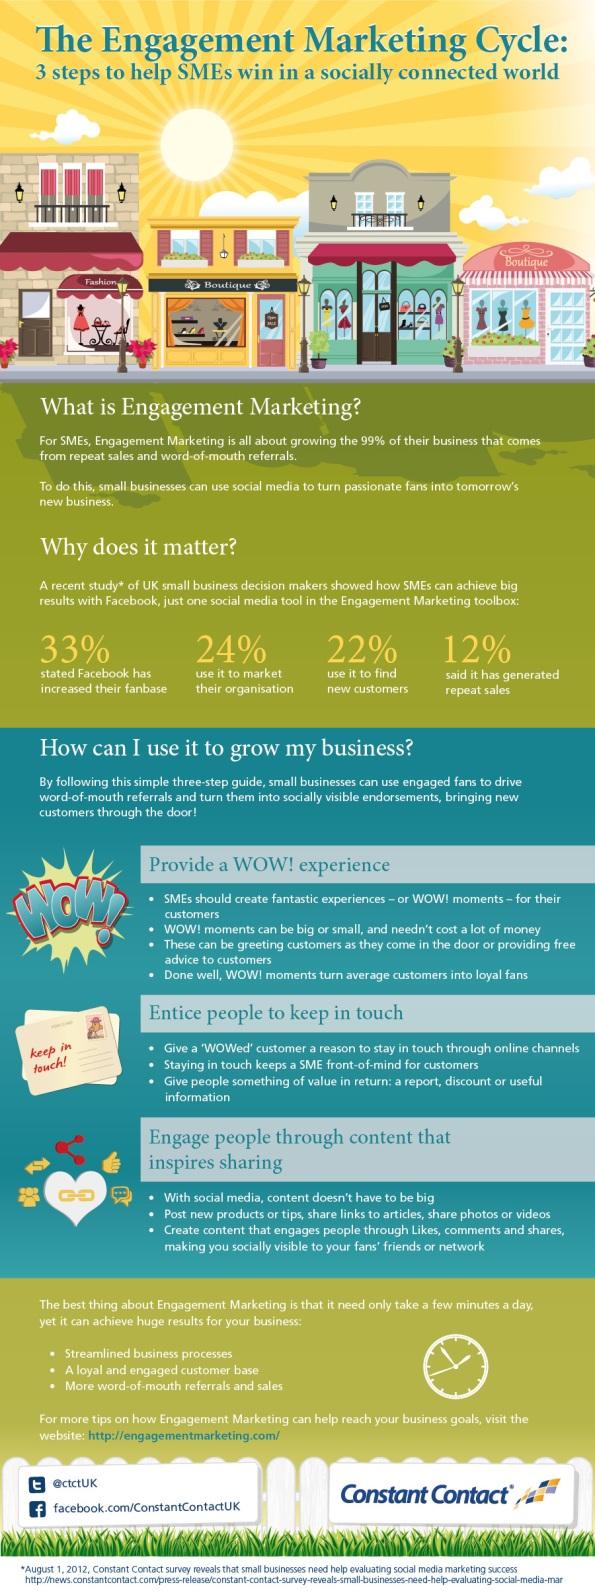 El Ciclo de Marketing de Compromiso: 3 pasos para ayudar a las PYME a triunfar en un mundo socialmente conectado